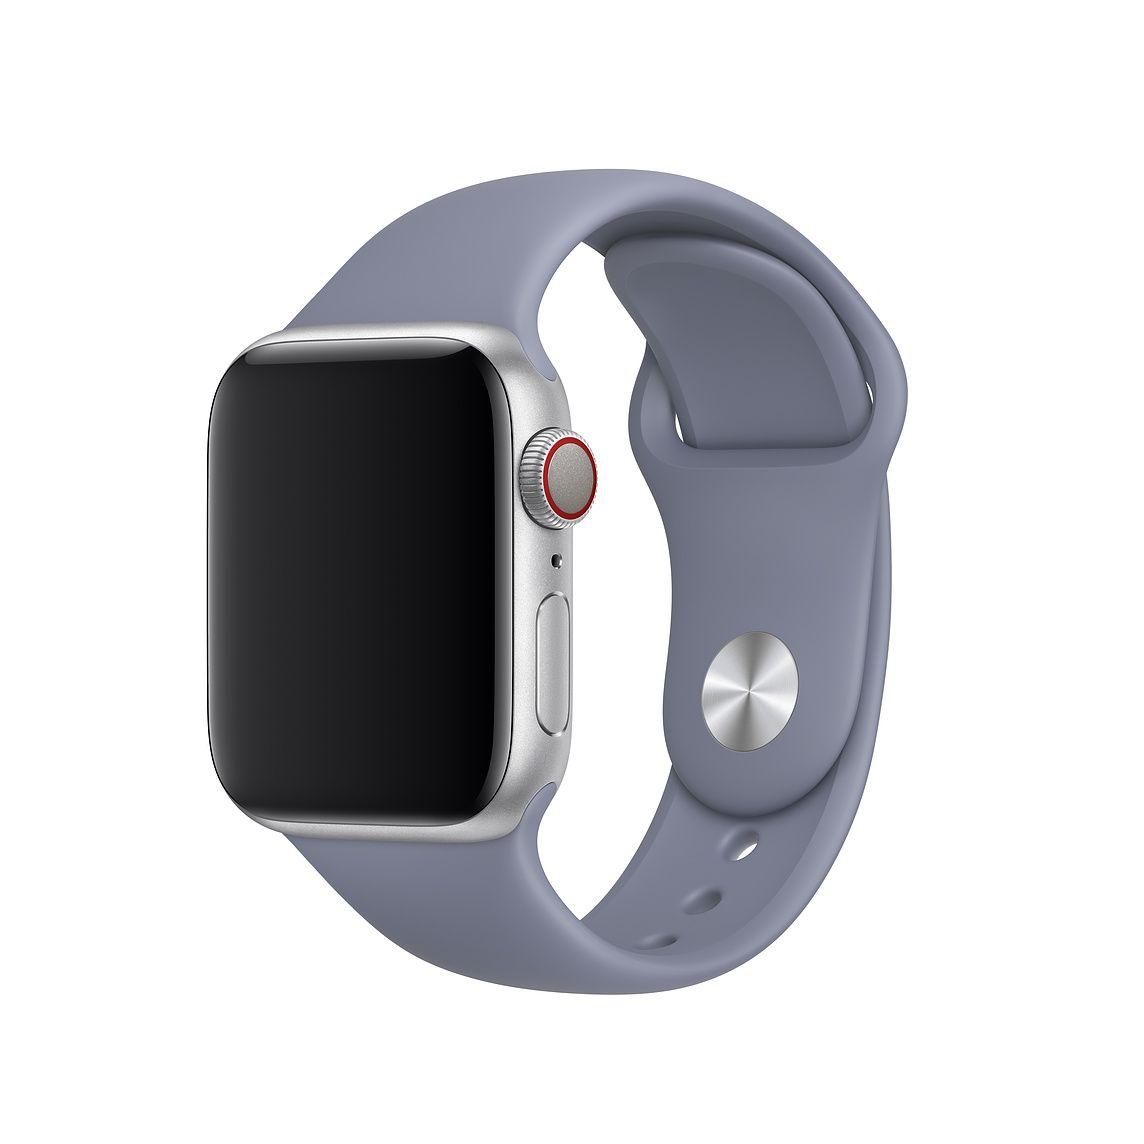 40mm Lavender Gray Sport Band S M M L Apple Apple Watch Kaufen Apple Watch Zubehor Apfeluhr